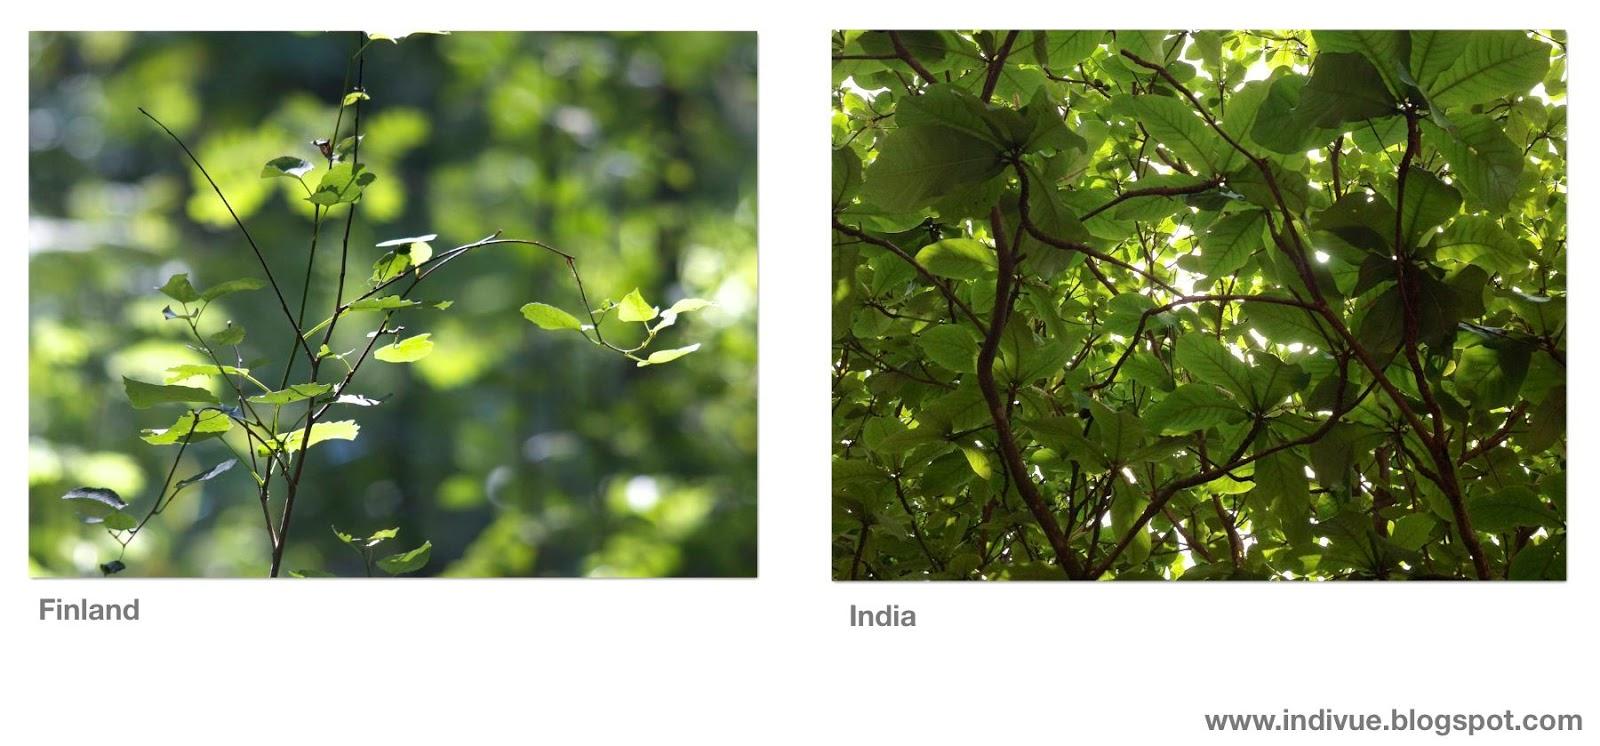 Lehtivihreitä Suomessa ja Intiassa